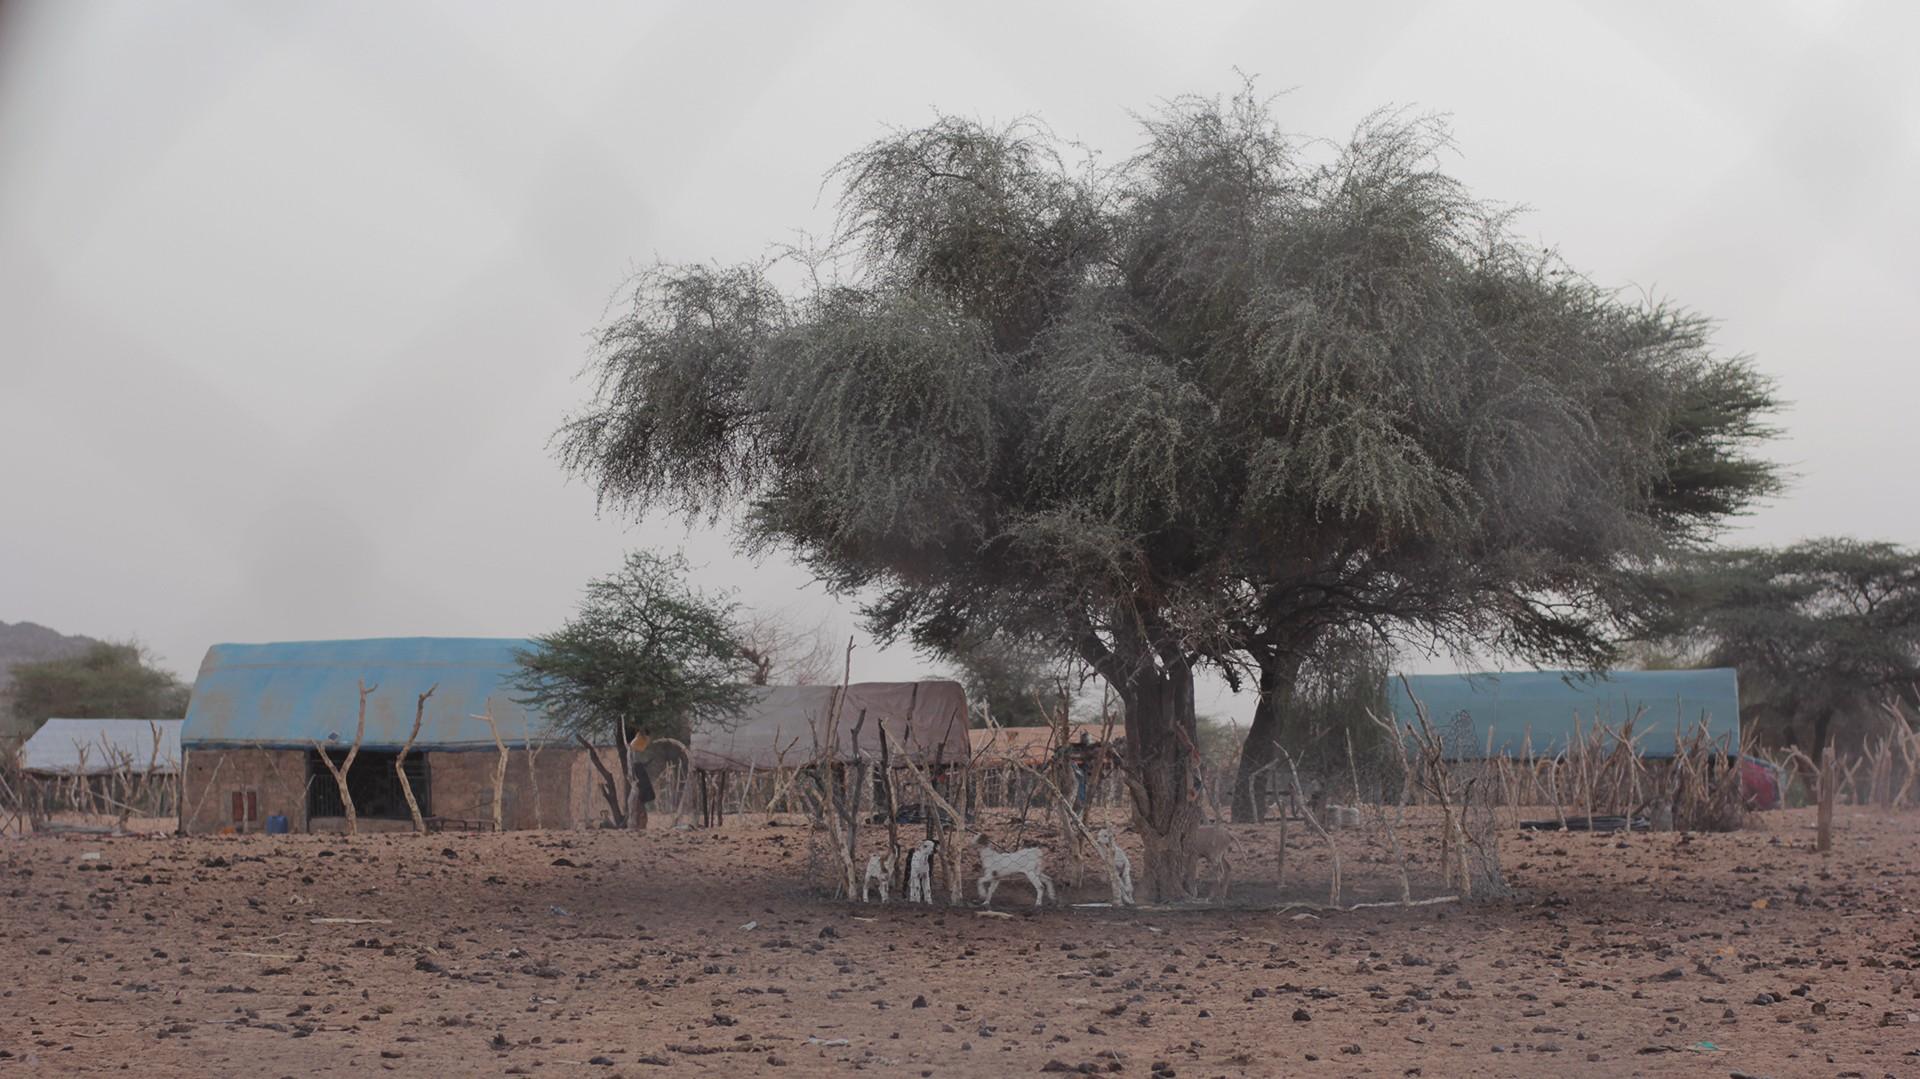 acacia mauritania pablocaminante - Mauritania 4/5, Nouakchott a Gogui